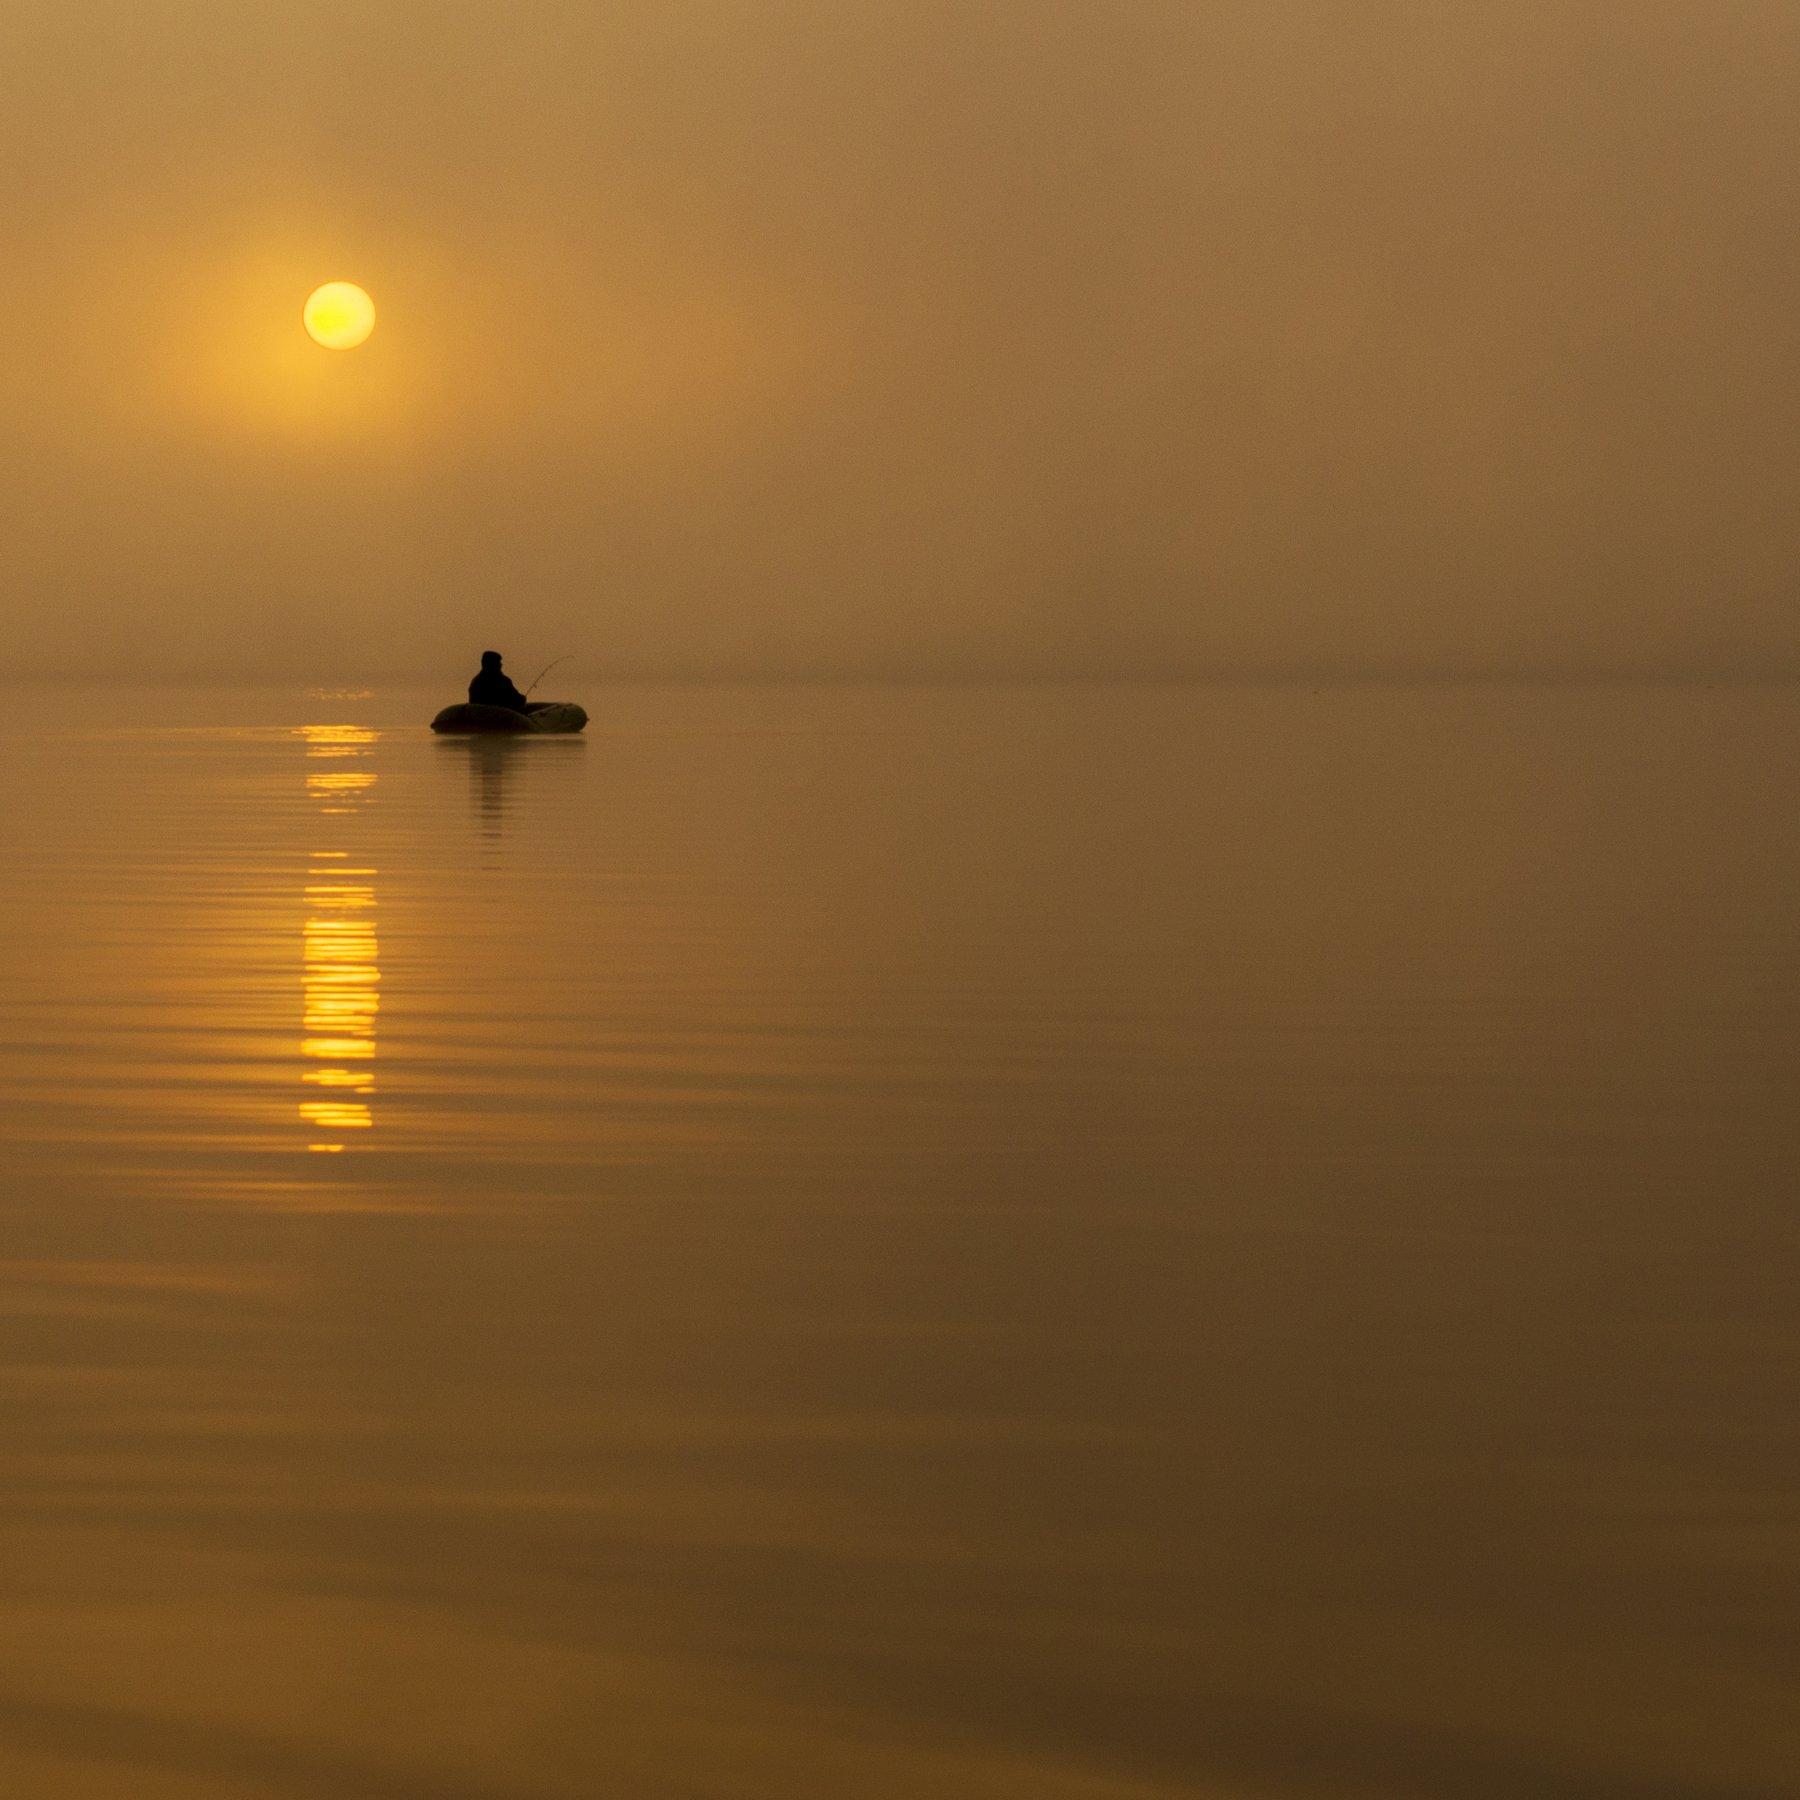 природа,рыбалка, Валерий Черняк